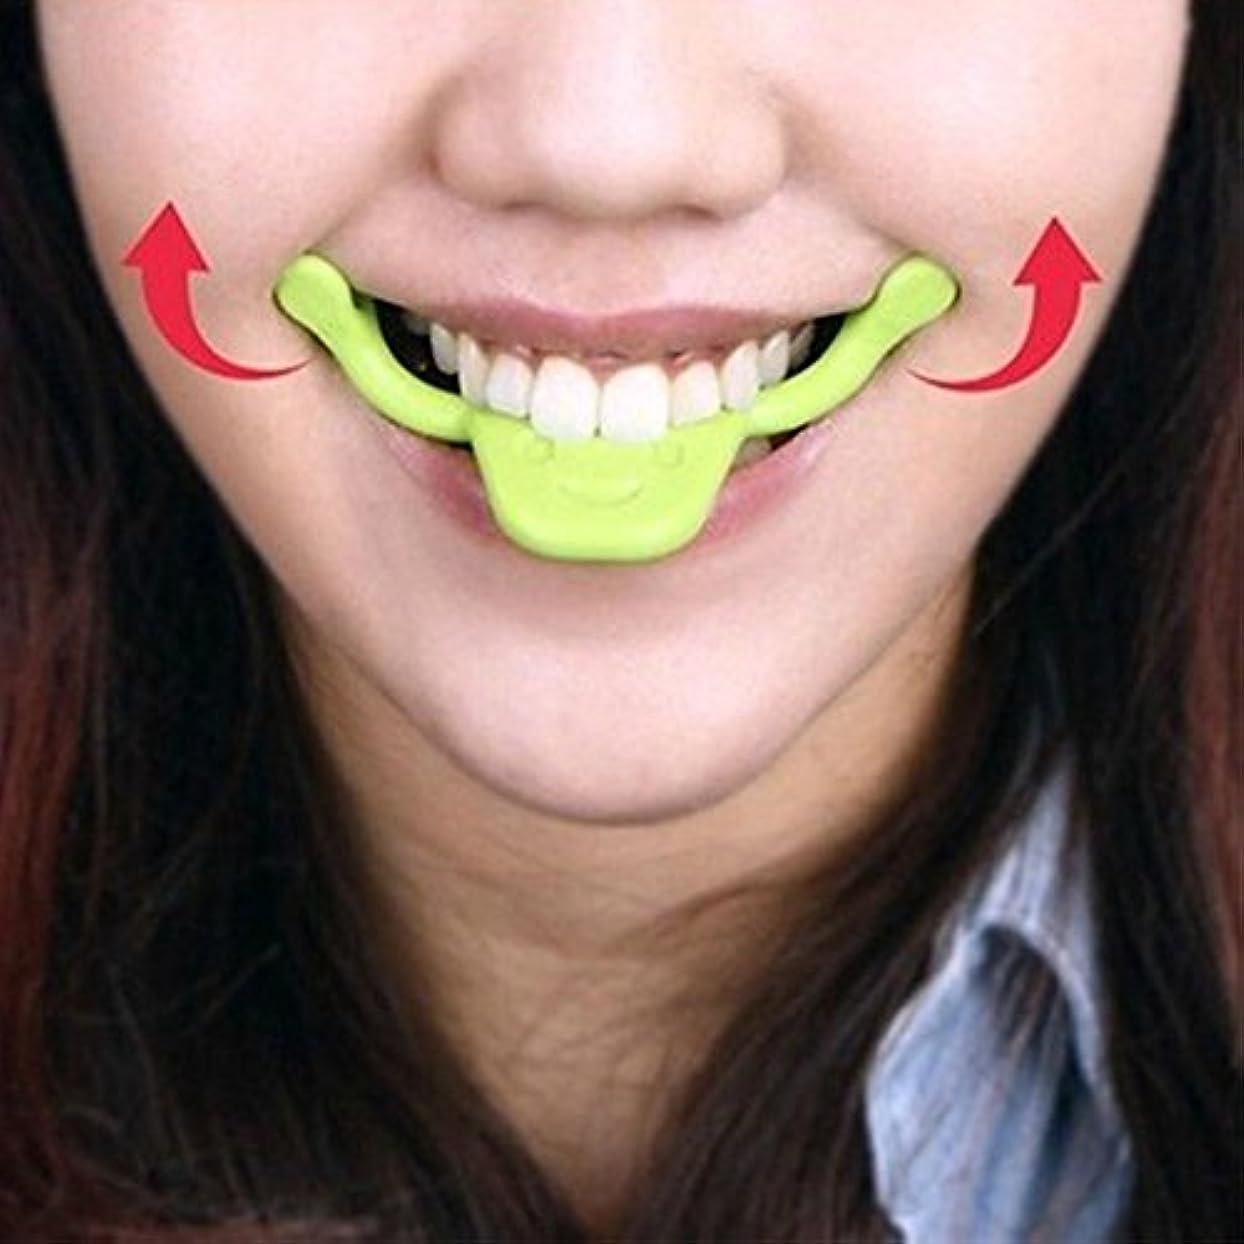 素人弾薬基本的なRaiFu スマイル矯正器 リフトアップ マウスピース 小顔サポート フェイススリマー 表情筋トレーニング 健康グッズ 笑顔 メーカー ビューティーケア